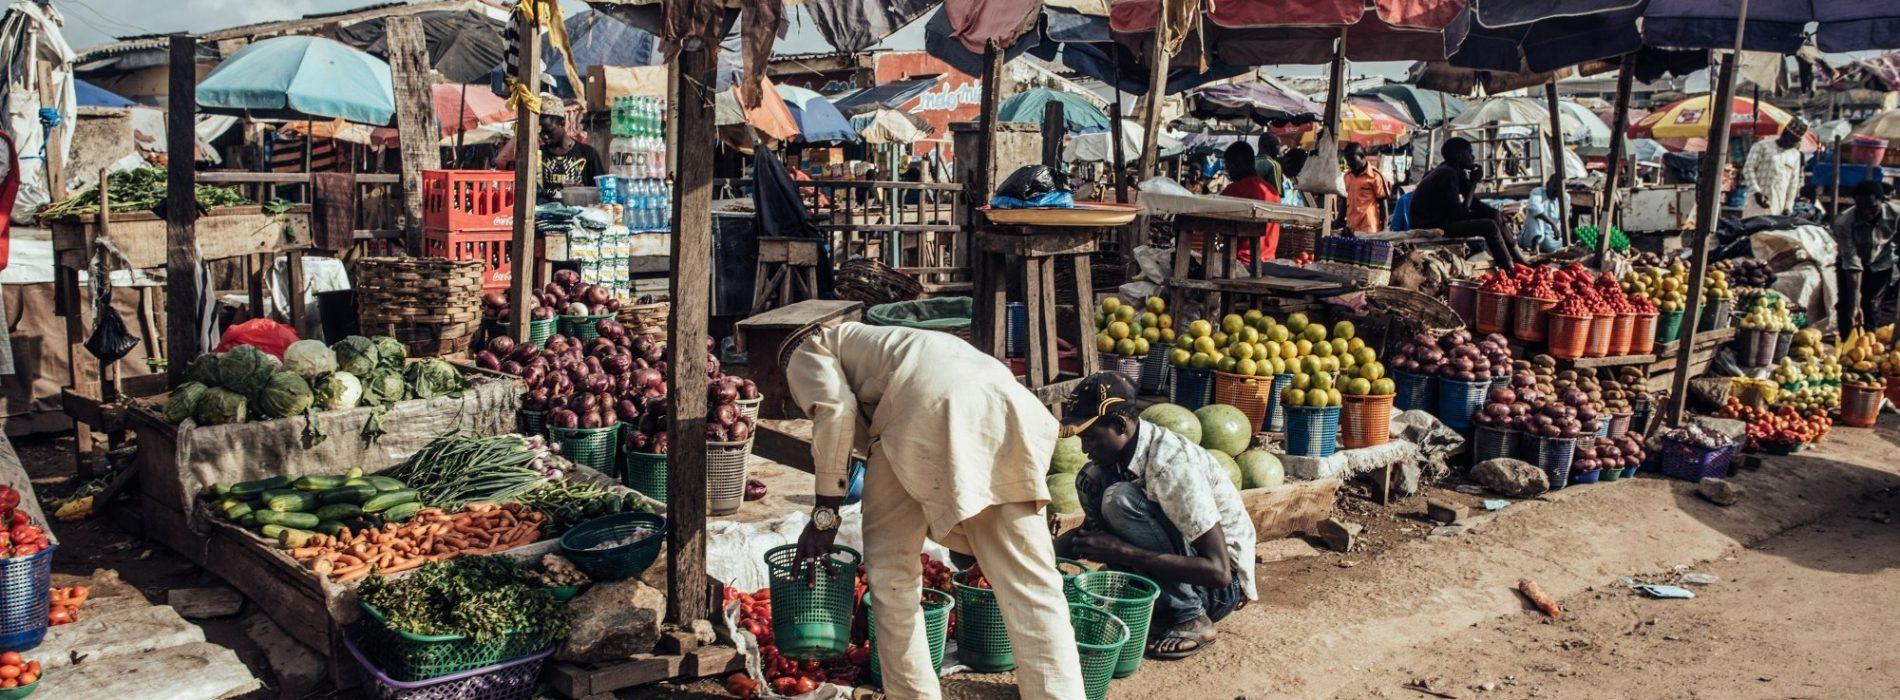 Gli investitori si rivolgono all'Africa senza preoccuparsi della diffusione del virus